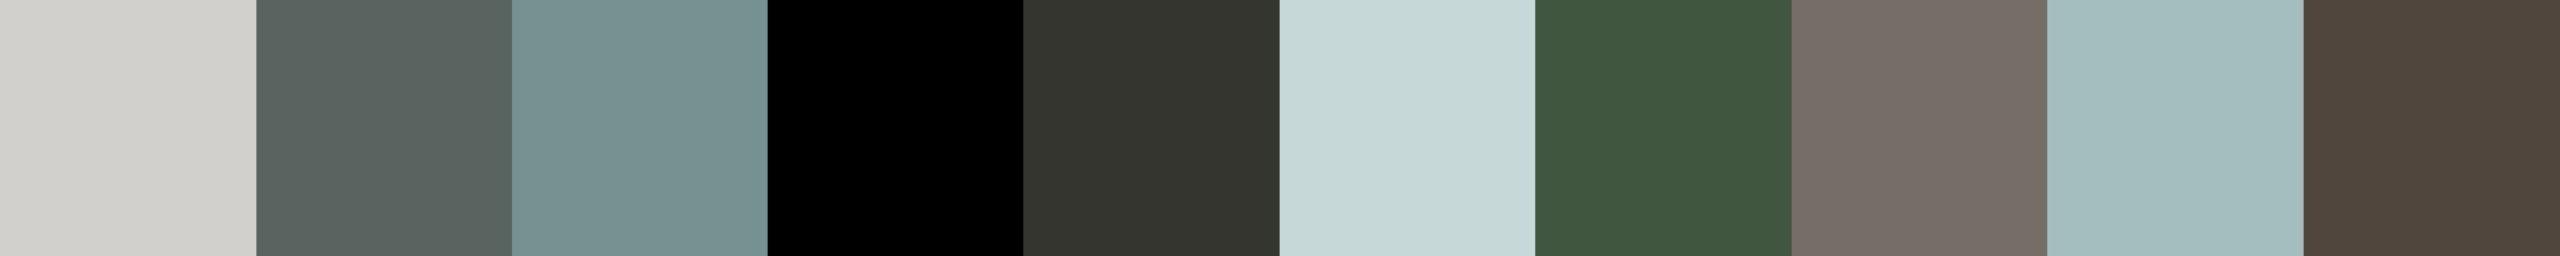 612 Zederbia Color Palette